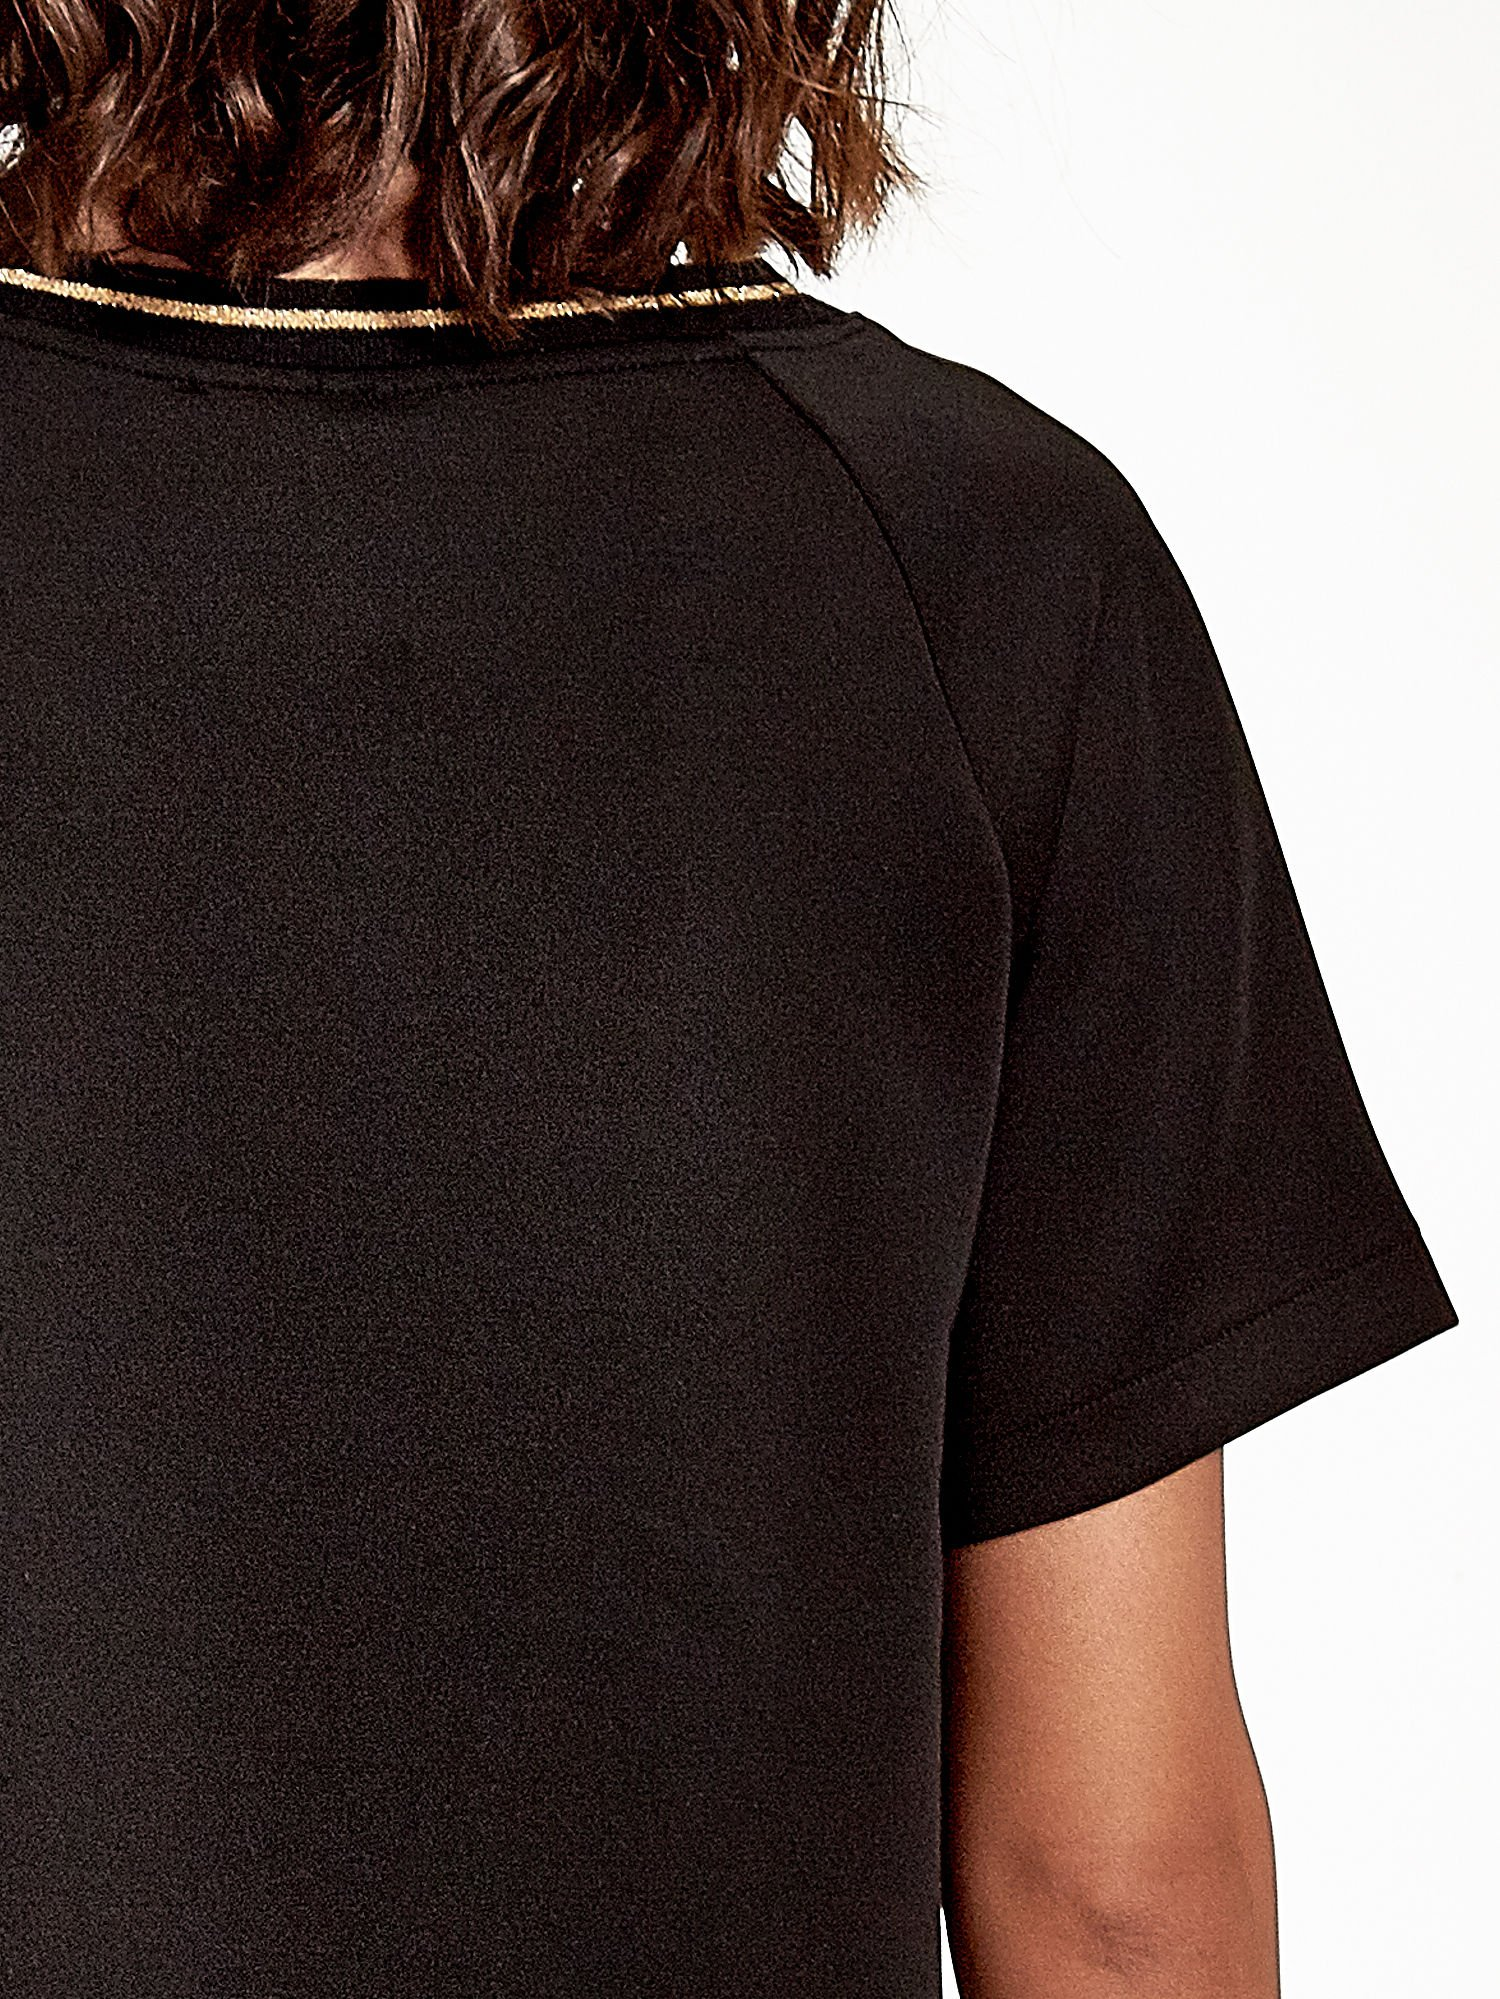 Czarna bluza glamour ze złotymi znakami japońskimi                                  zdj.                                  5